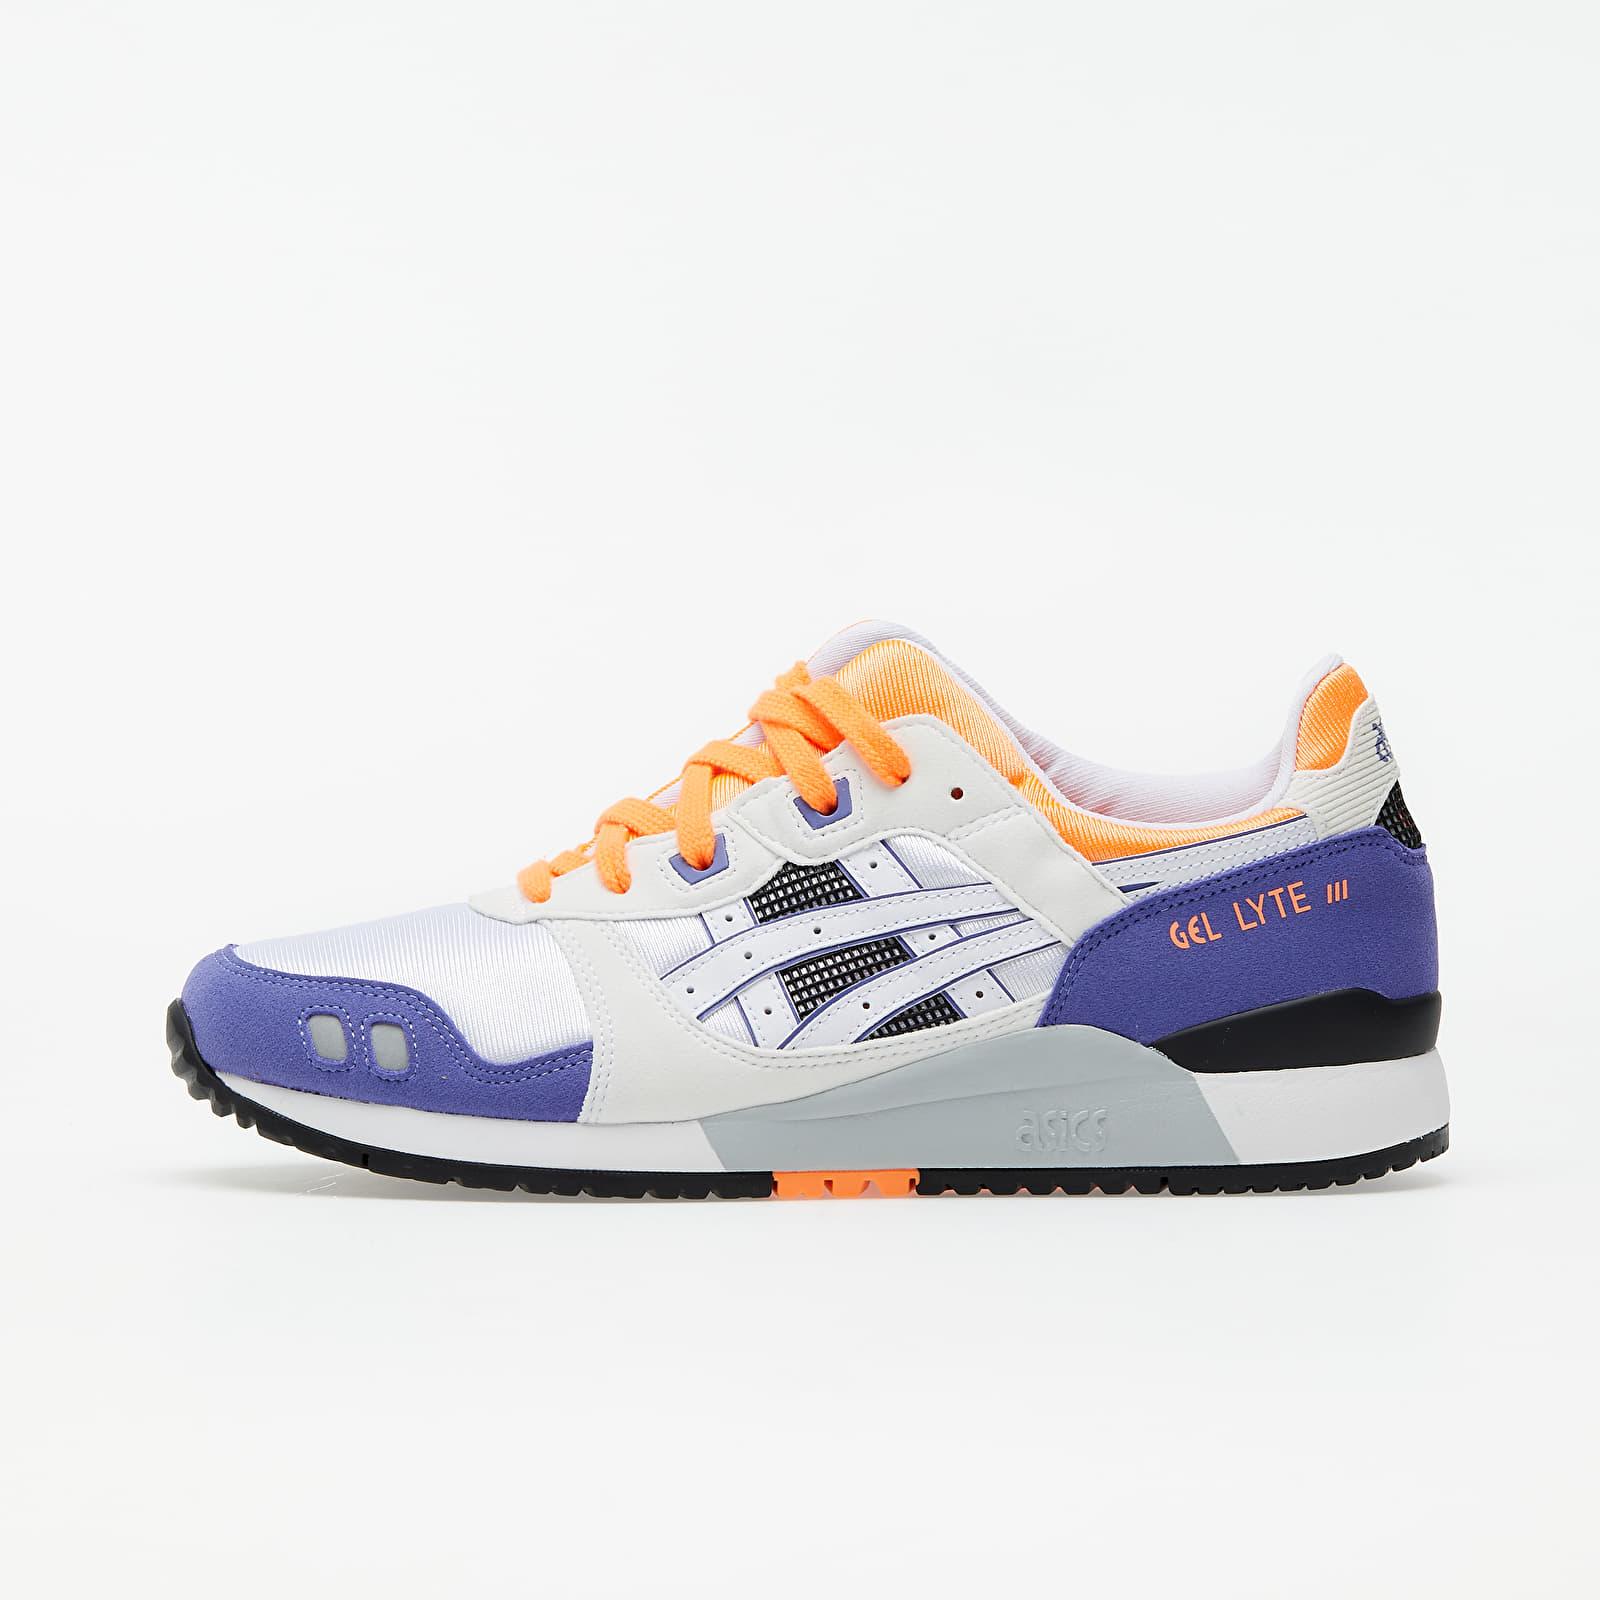 Men's shoes Asics Gel-Lyte III OG White/ Orange